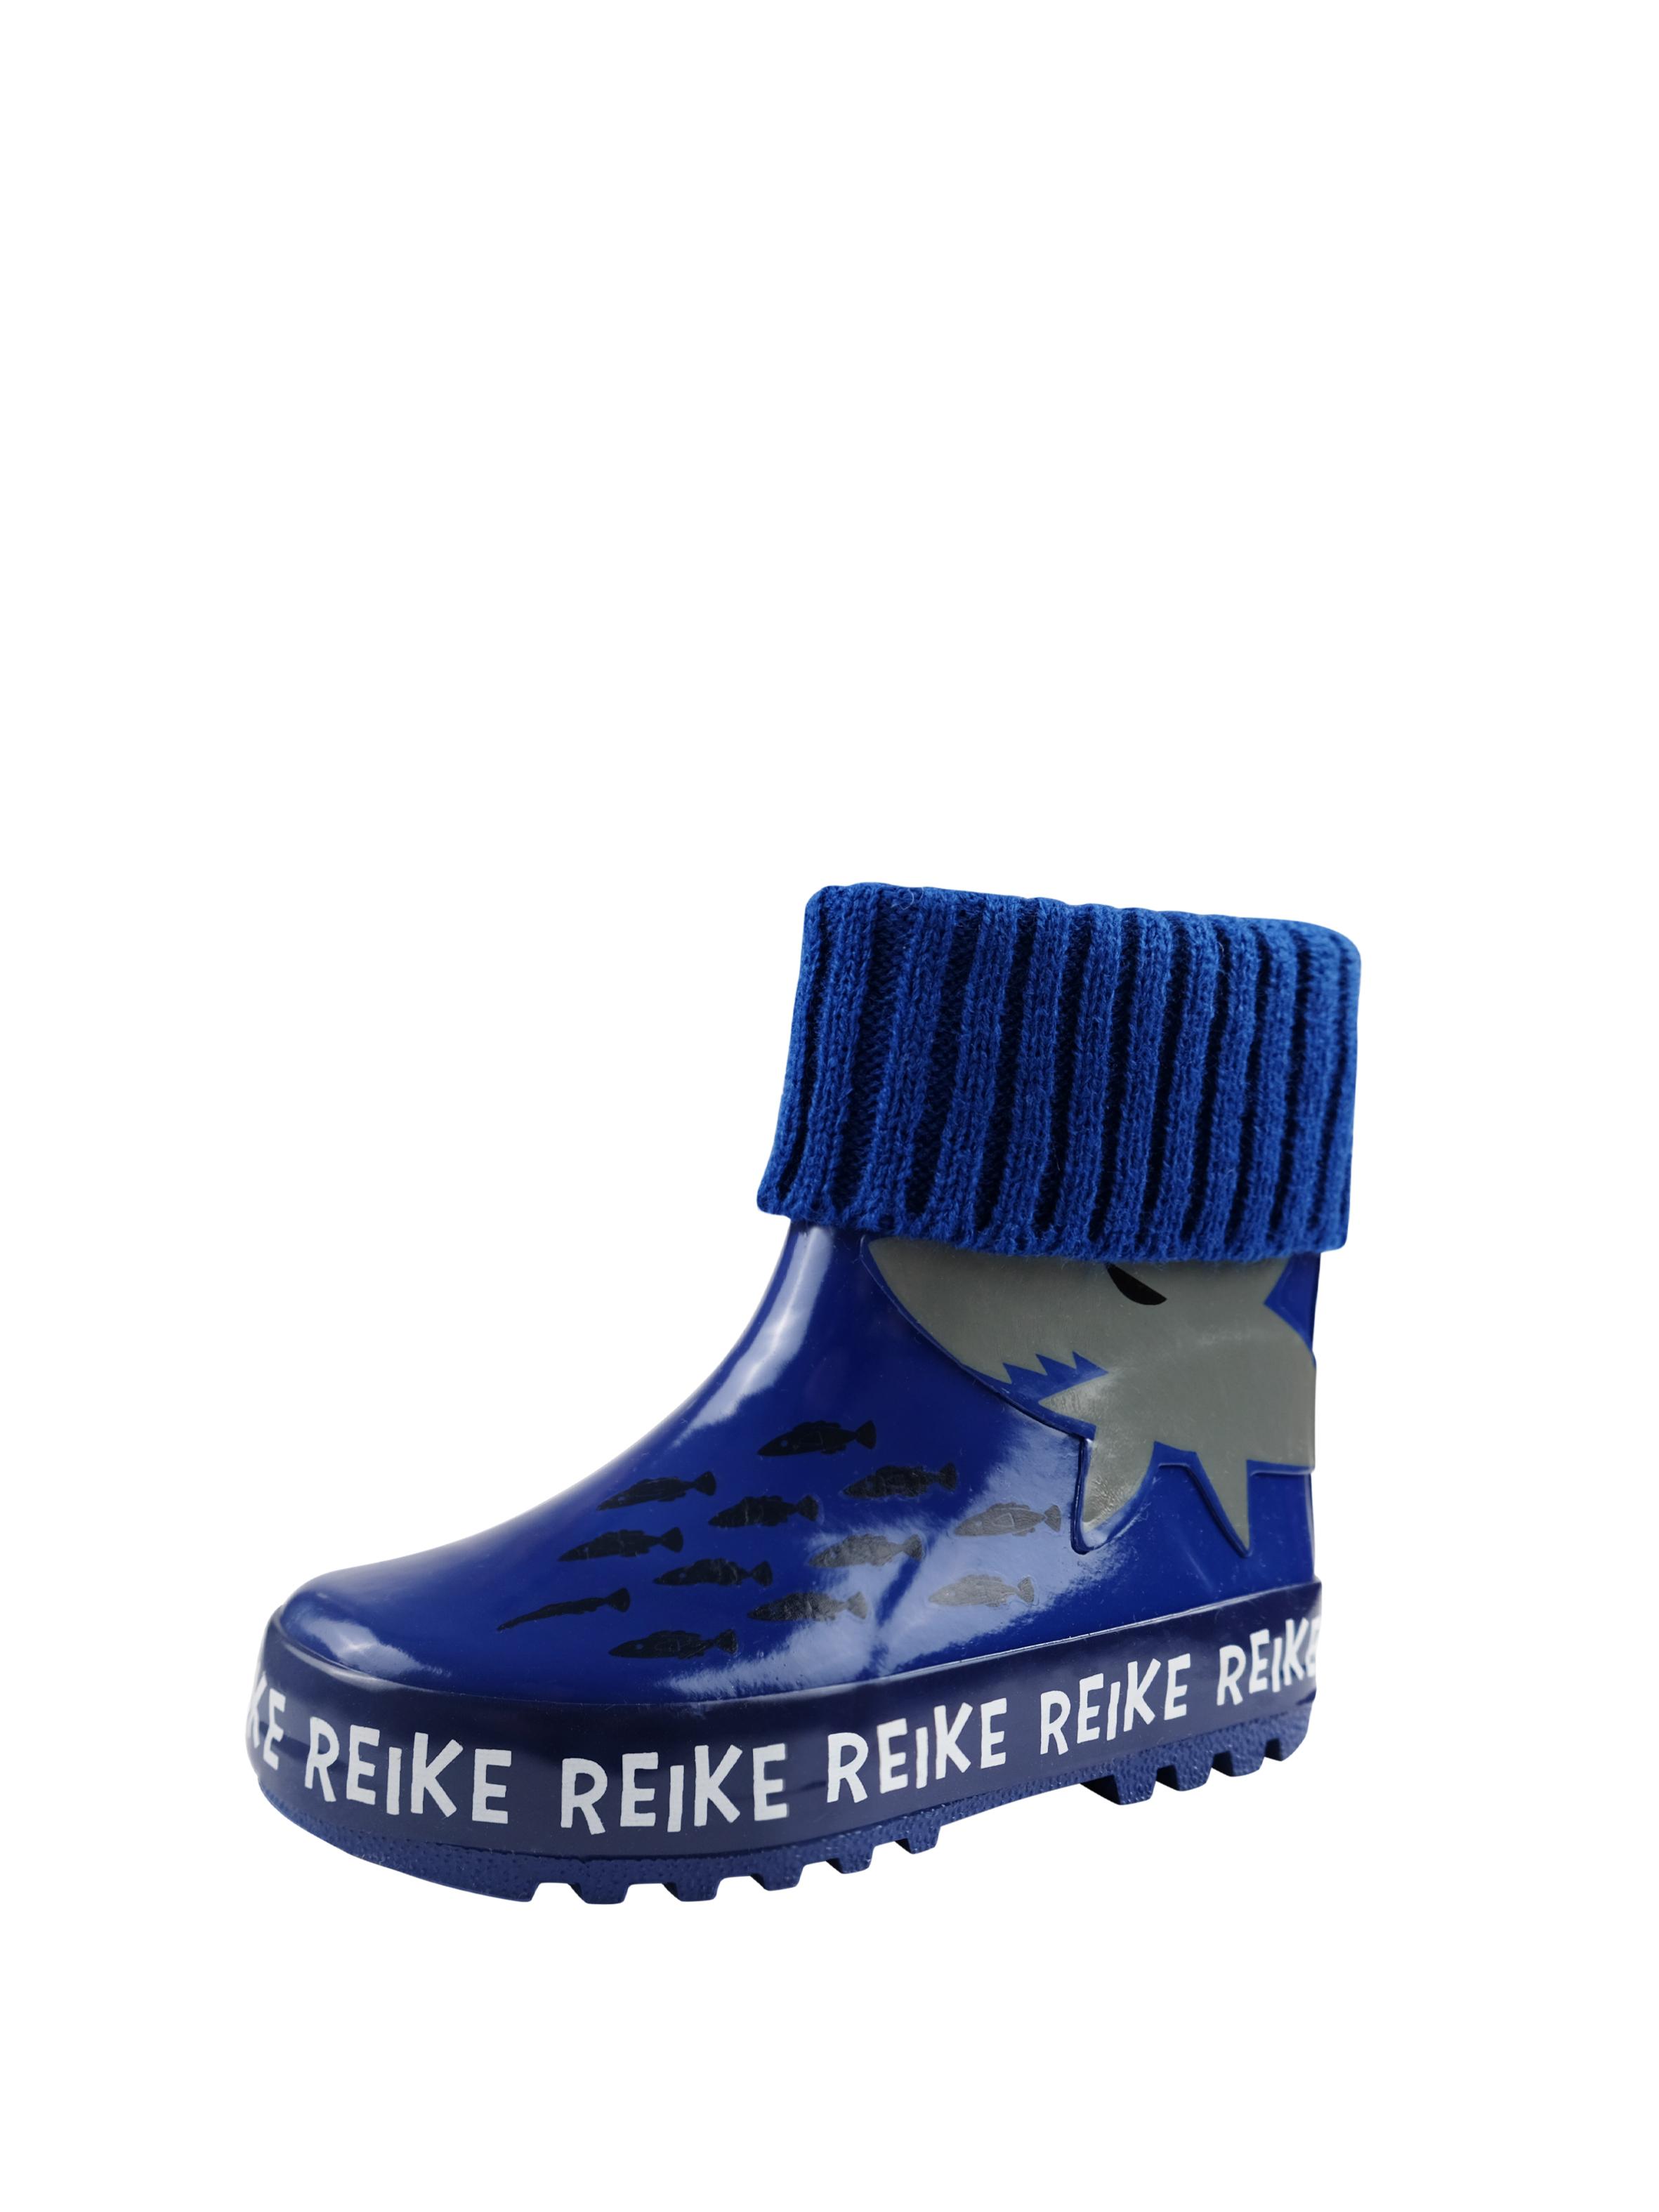 Резиновые сапоги для мальчика Reike Small sharks blue, RRR20-016 SSH blue, 25